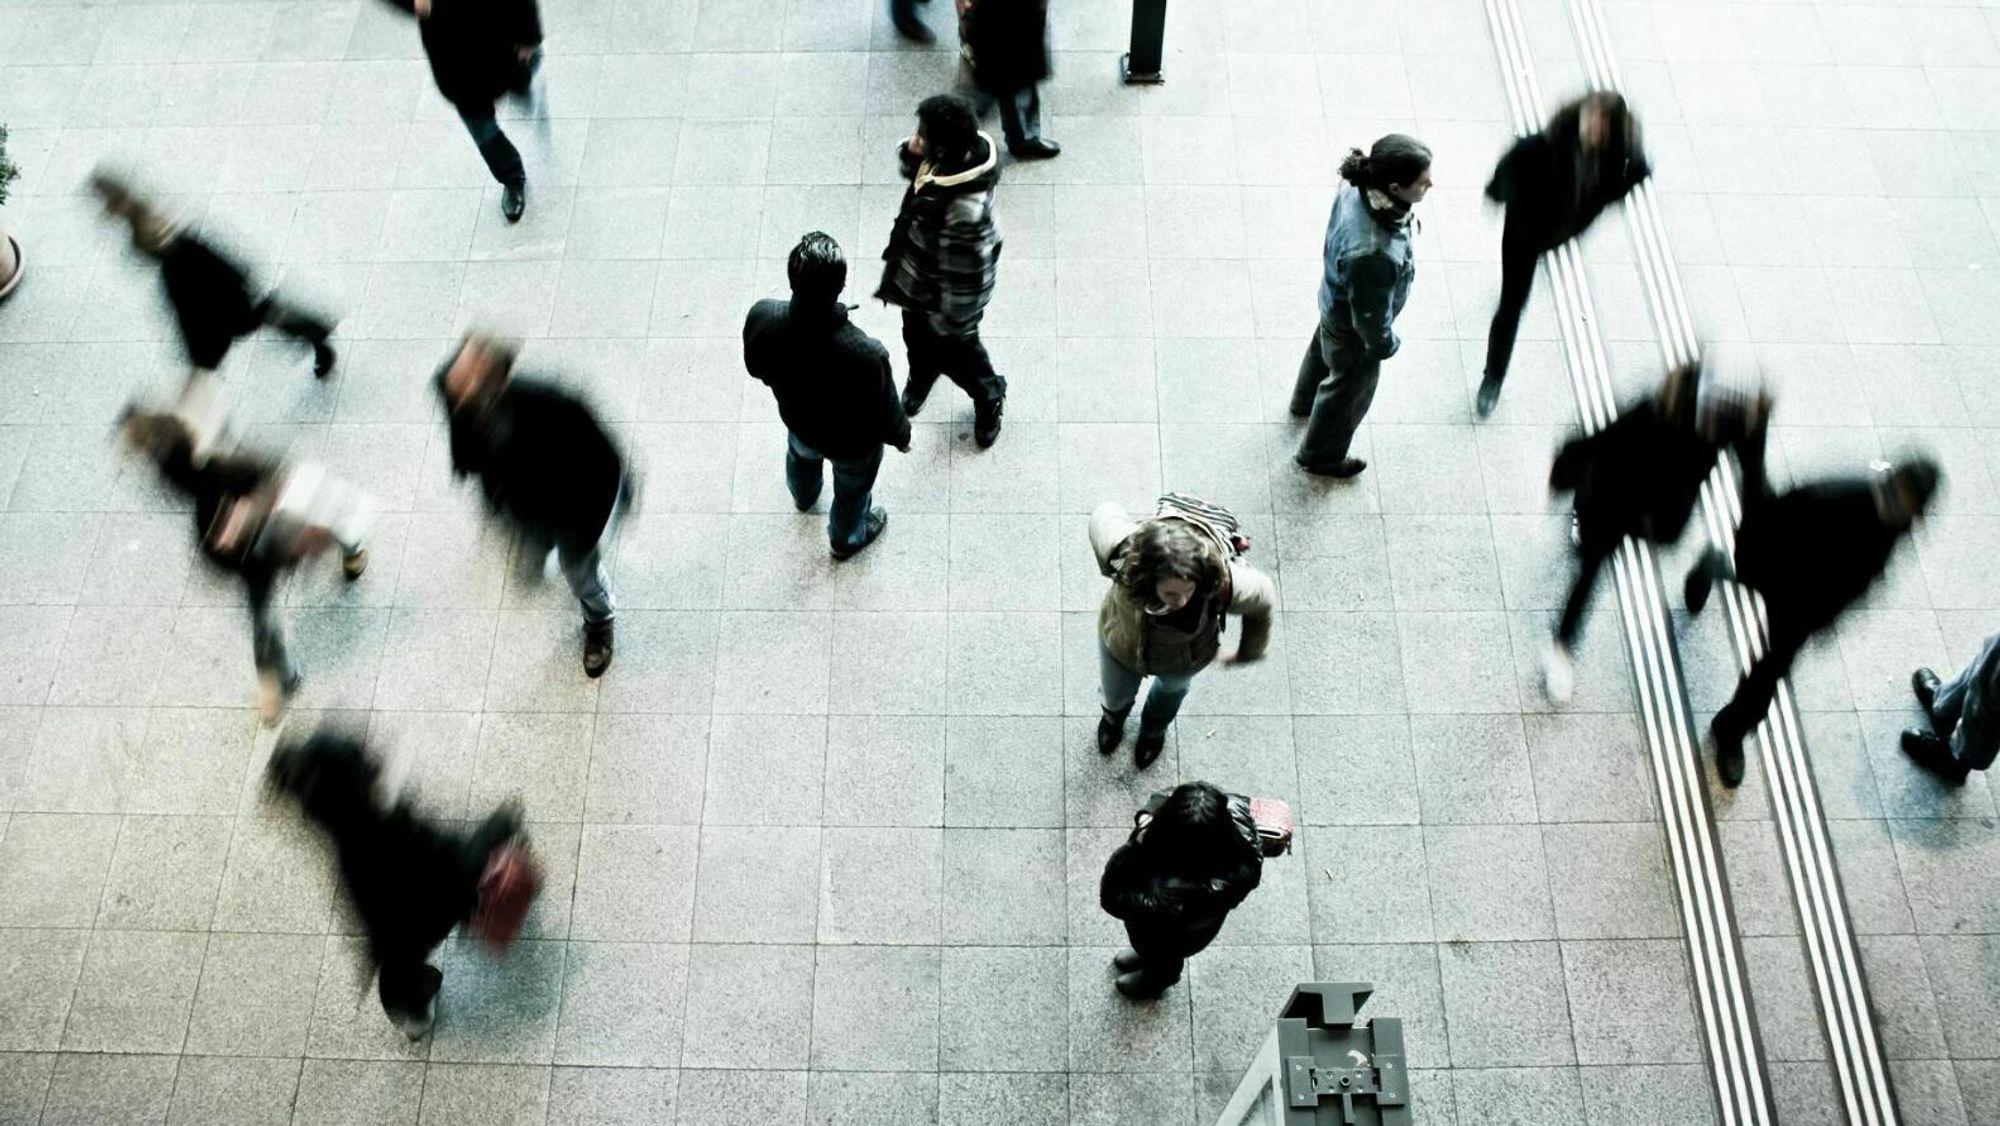 ANNONSE: Nye forbruksmønstre stiller nye krav til dataanalyse